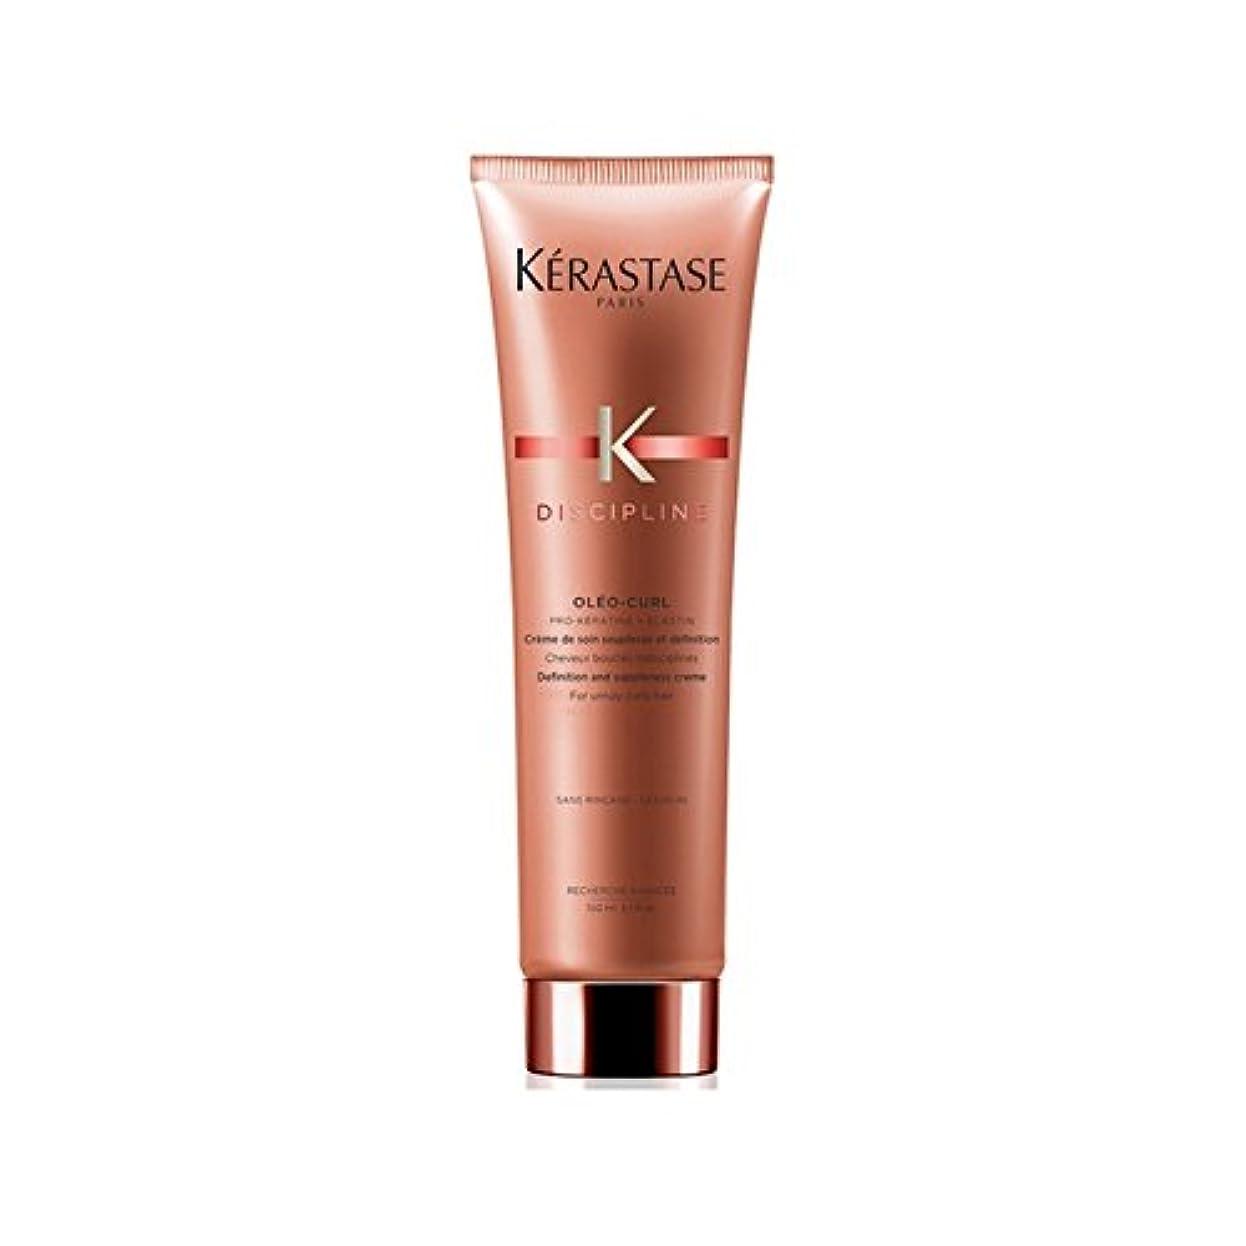 明らか寝室ブランド名K?rastase Discipline Curl Ideal Cleansing Conditioner 400ml - 理想的なクレンジングコンディショナー400ミリリットルカールケラスターゼの規律 [並行輸入品]